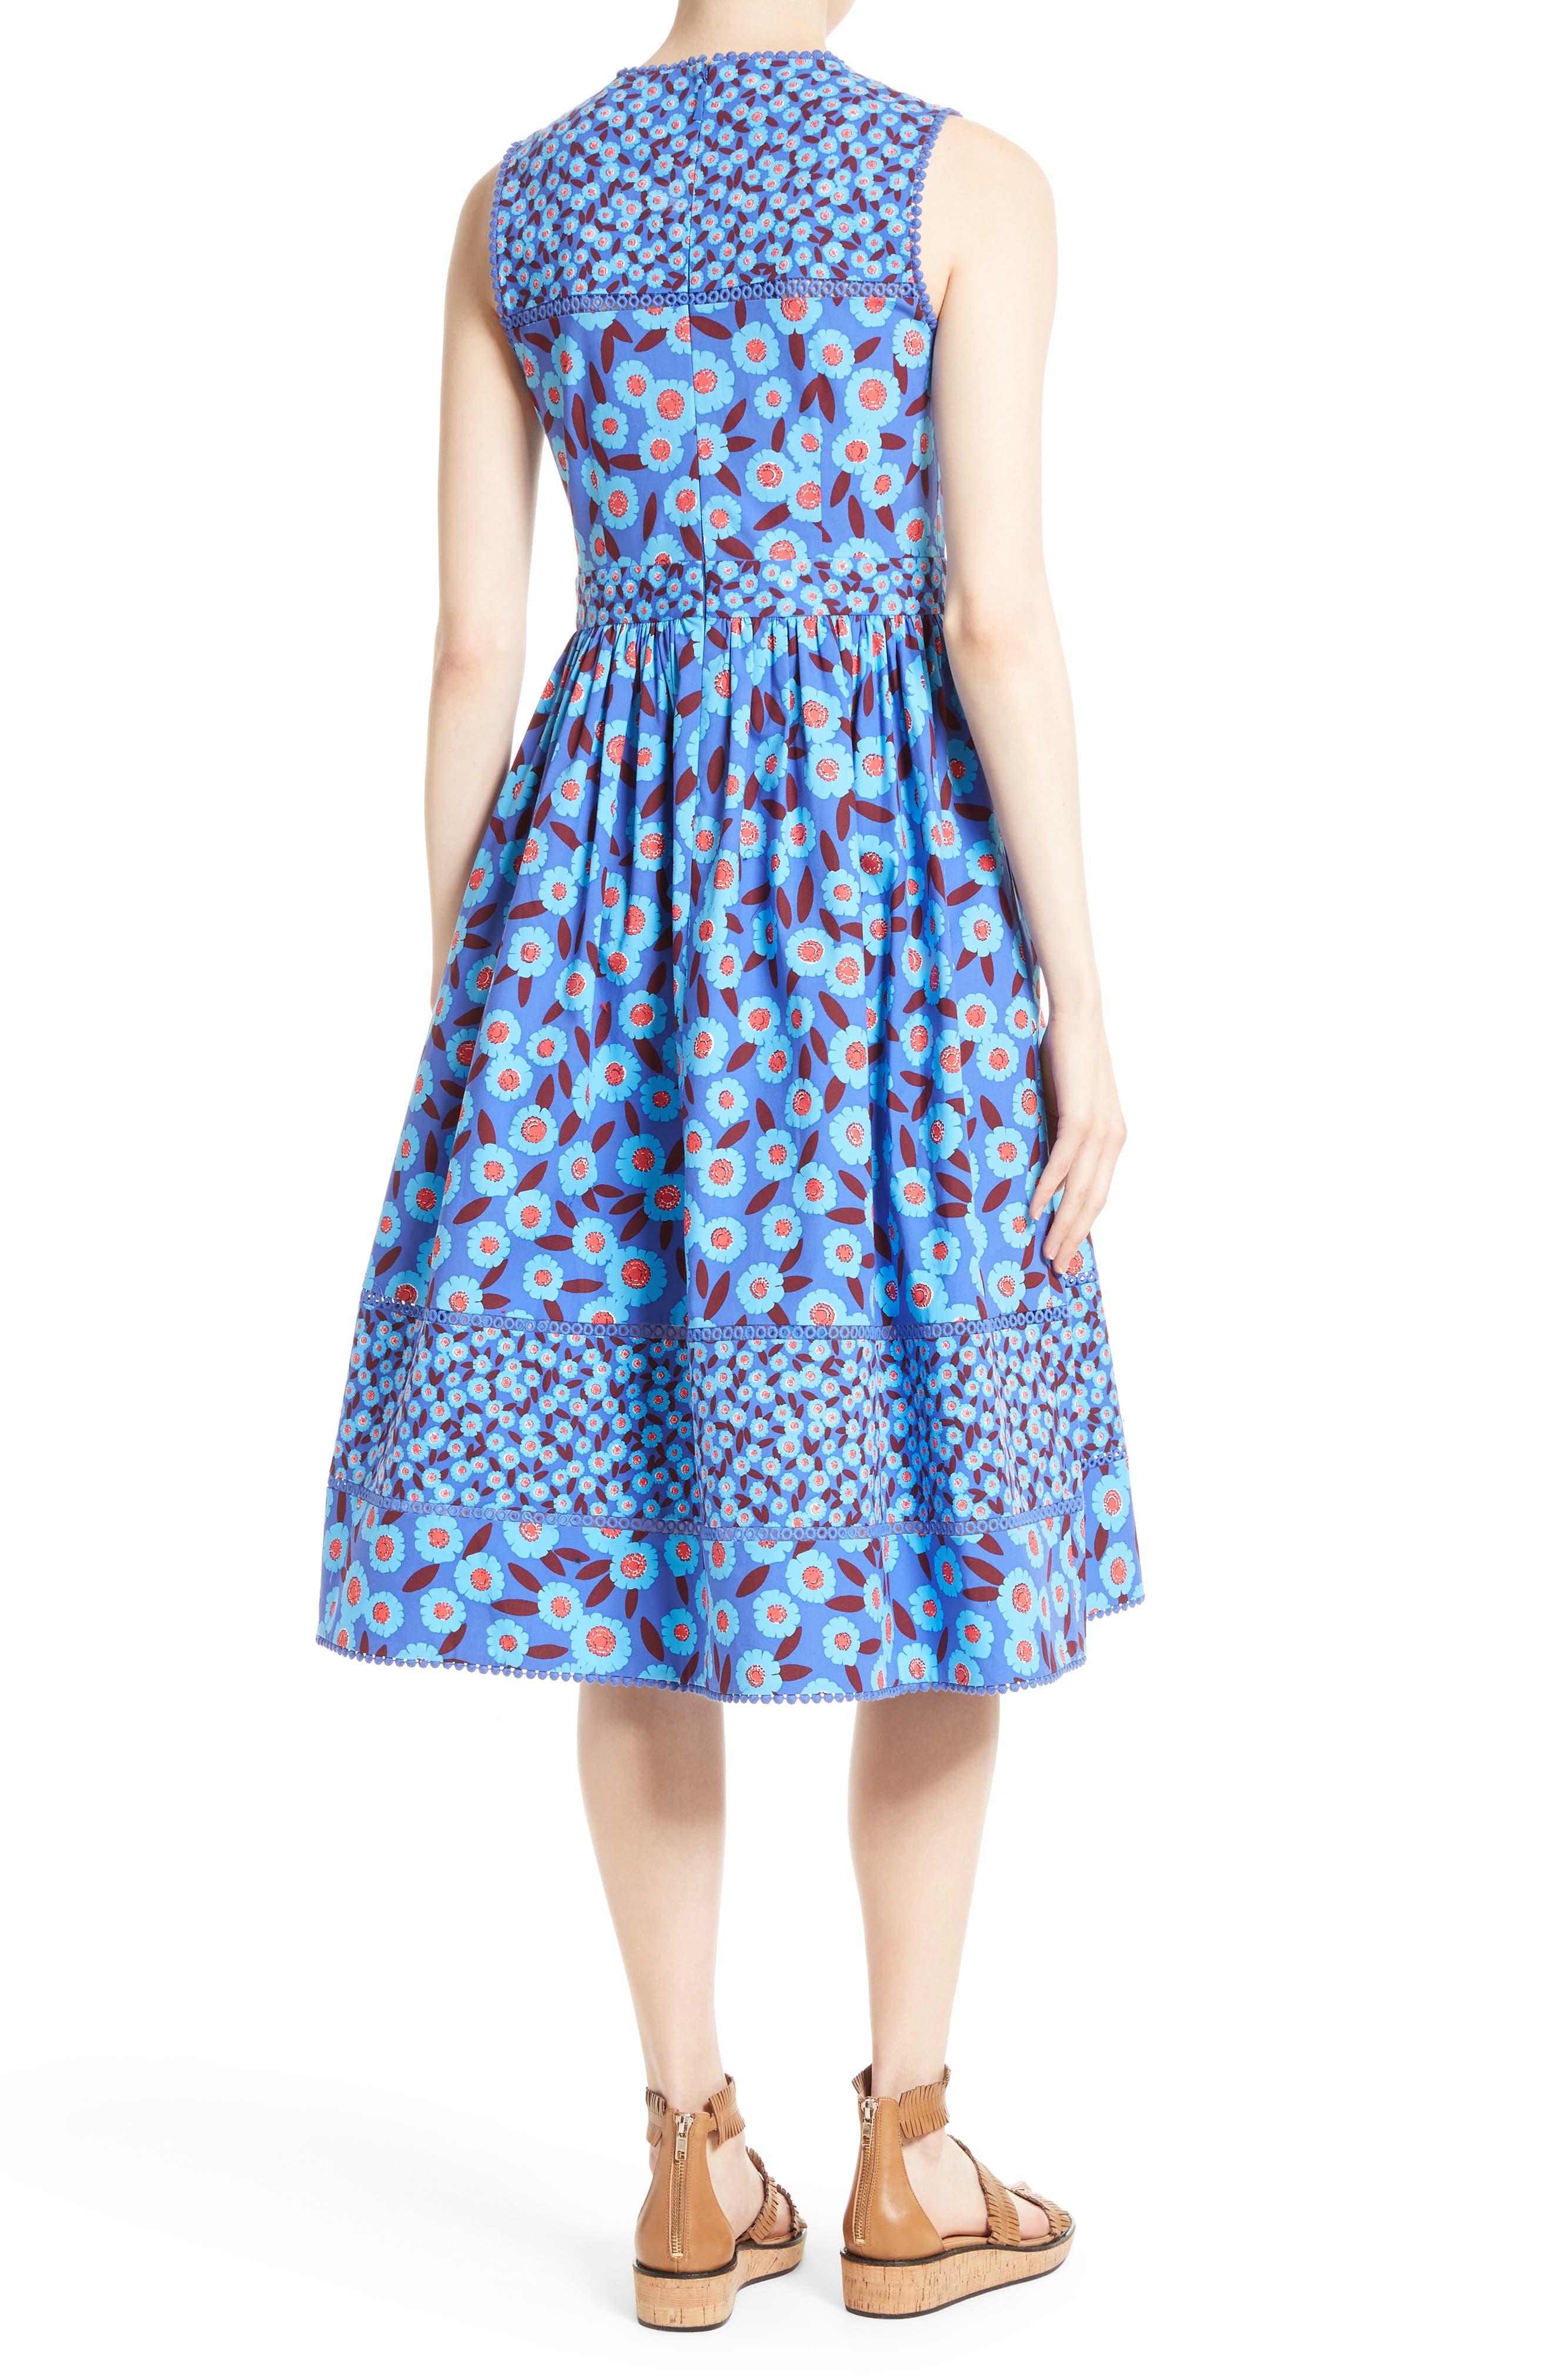 tangier floral midi dress,                             Alternate thumbnail 2, color,                             408